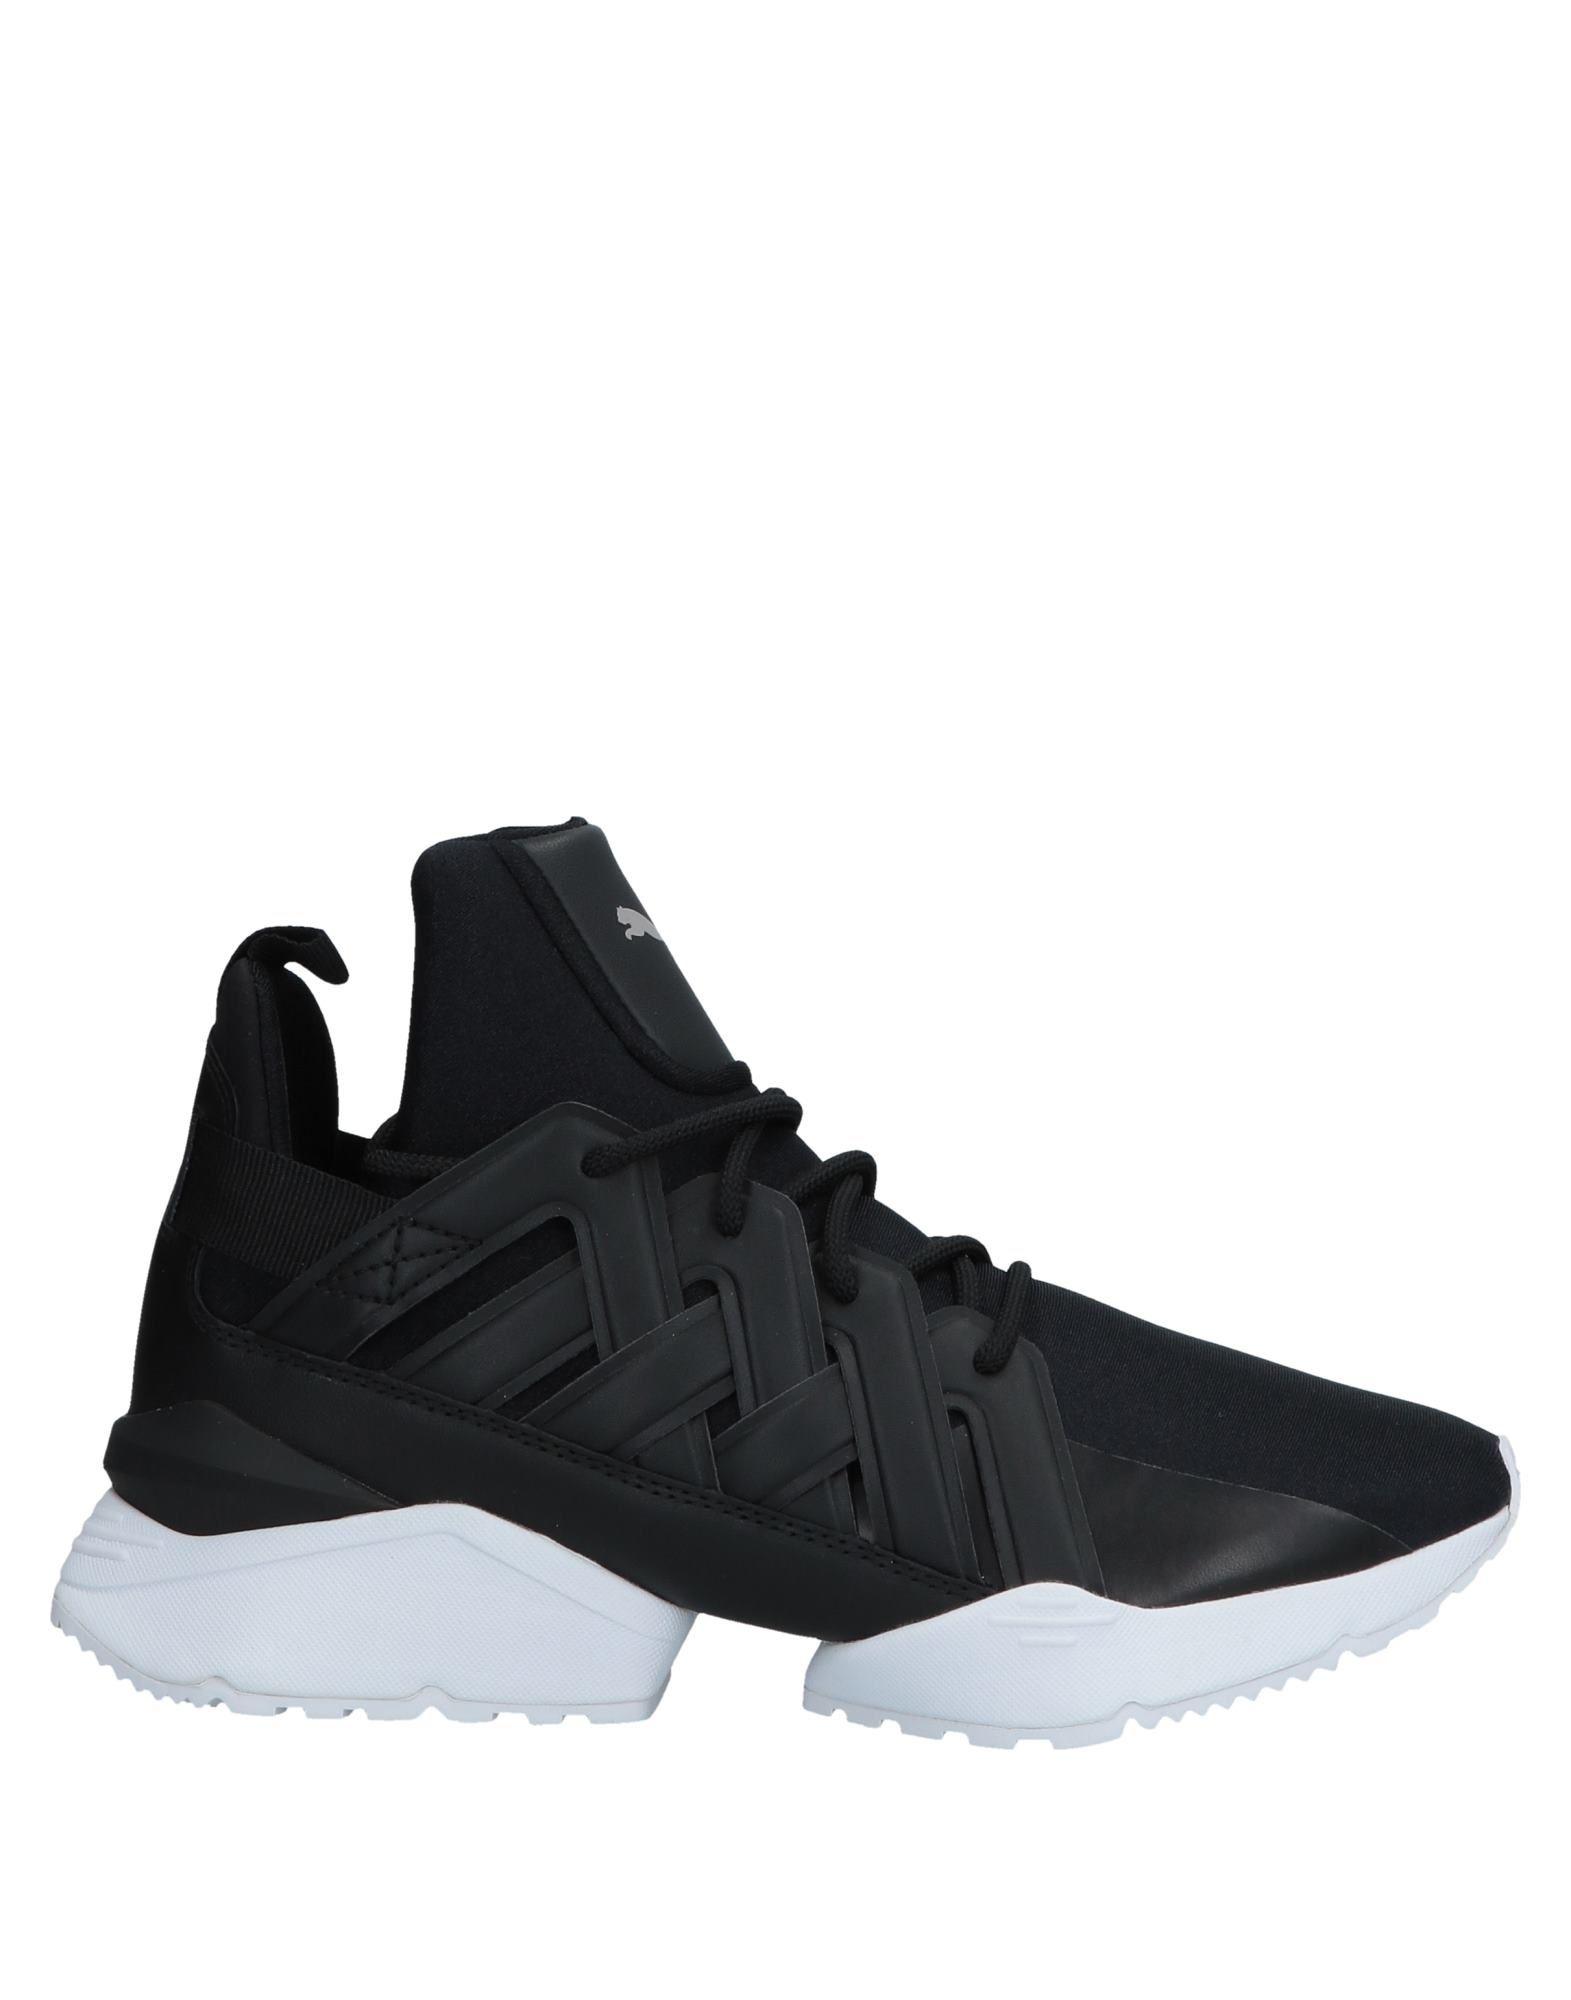 Puma Sneakers online - Women Puma Sneakers online Sneakers on  Australia - 11559184LQ 261cef